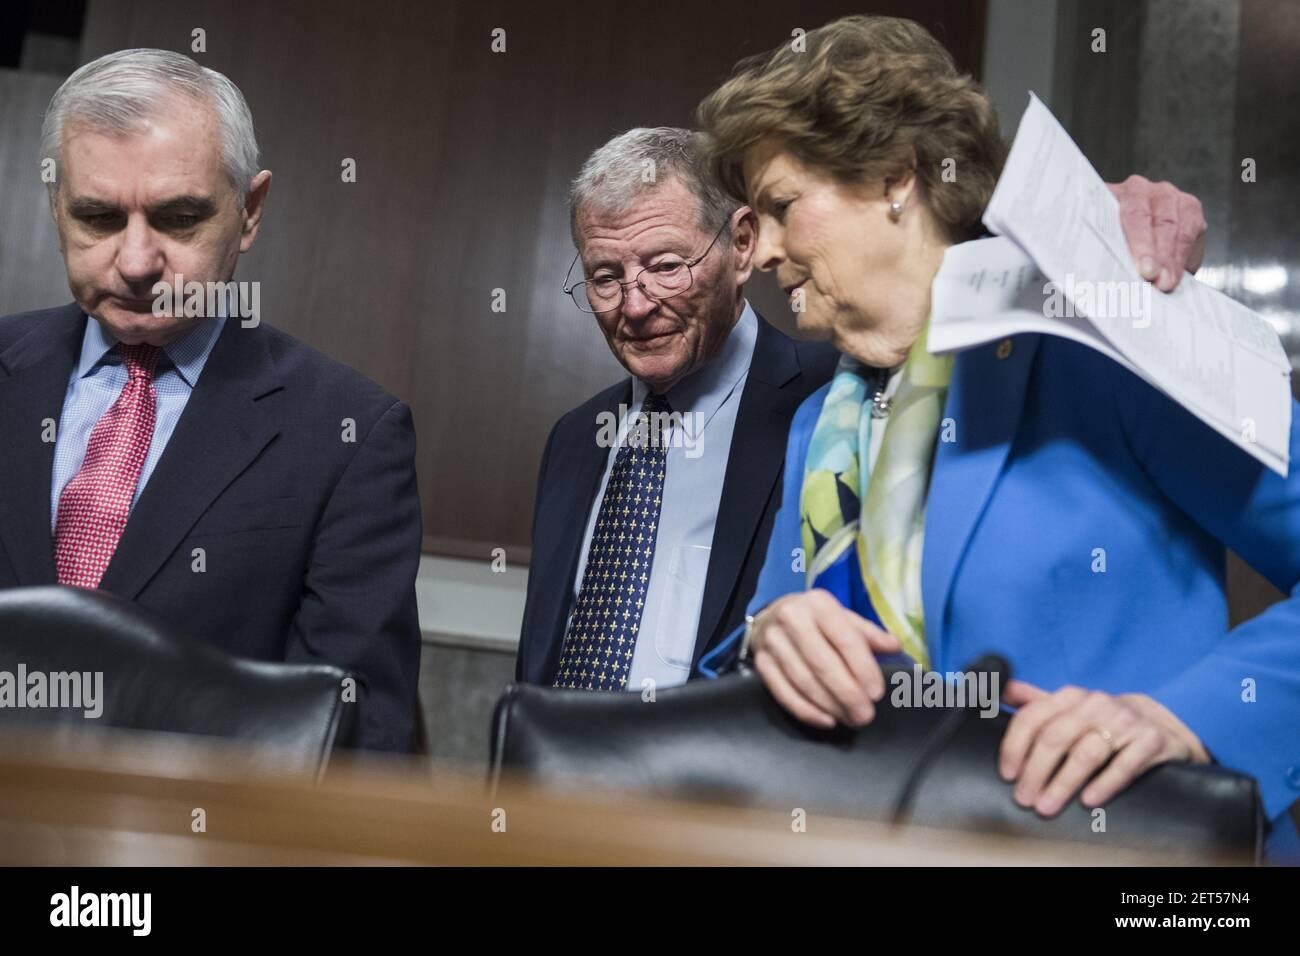 ÉTATS-UNIS - DÉCEMBRE 4 : de gauche à droite, le sénateur Jack Reed, D-R.I., le président James Inhofe, R-Okla, et le sénateur Jeanne Shaheen, D-N.H., assistent à une audience de confirmation du Comité des services armés du Sénat à l'édifice Dirksen le 4 décembre 2018. Le Lieutenant général Kenneth F. McKenzie, USMC, nommé général et commandant du Commandement central des États-Unis, et le Lieutenant général Richard D. Clarke, de l'Armée des États-Unis, nommé général et commandant du Commandement des opérations spéciales des États-Unis, ont témoigné. (Photo de Tom Williams/CQ Roll Call) Banque D'Images